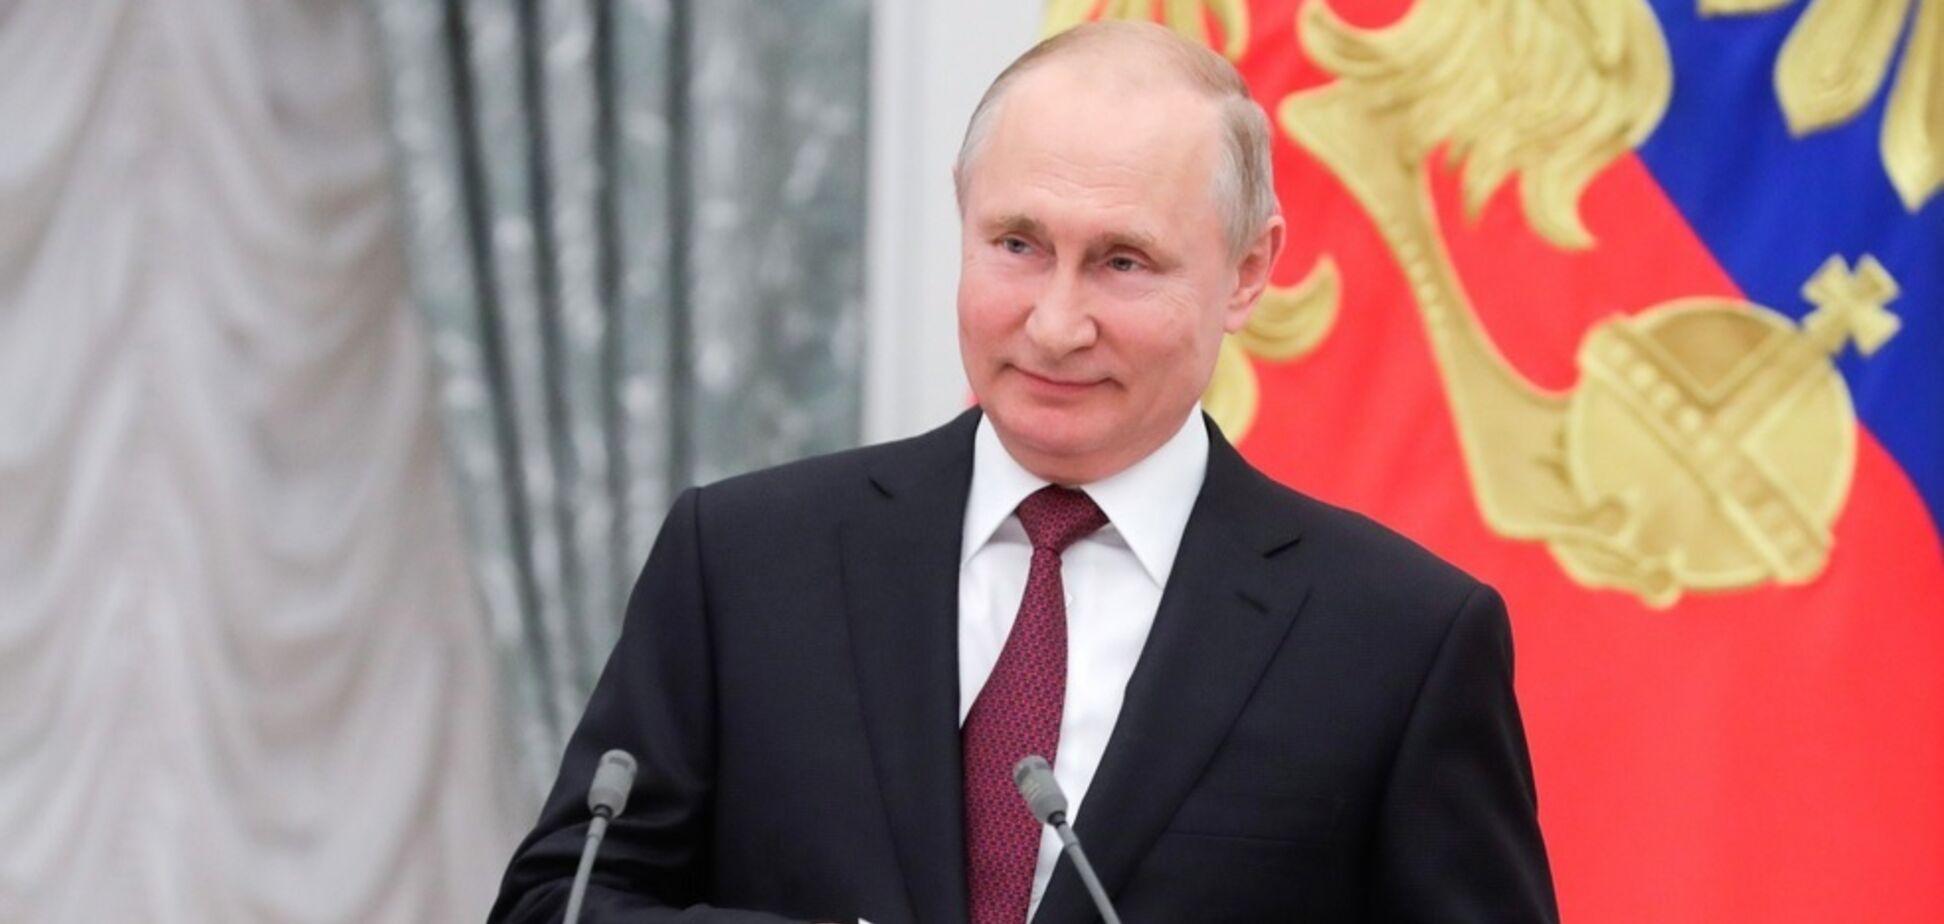 Чем Путин платит за власть: Киселев назвал страшную цену